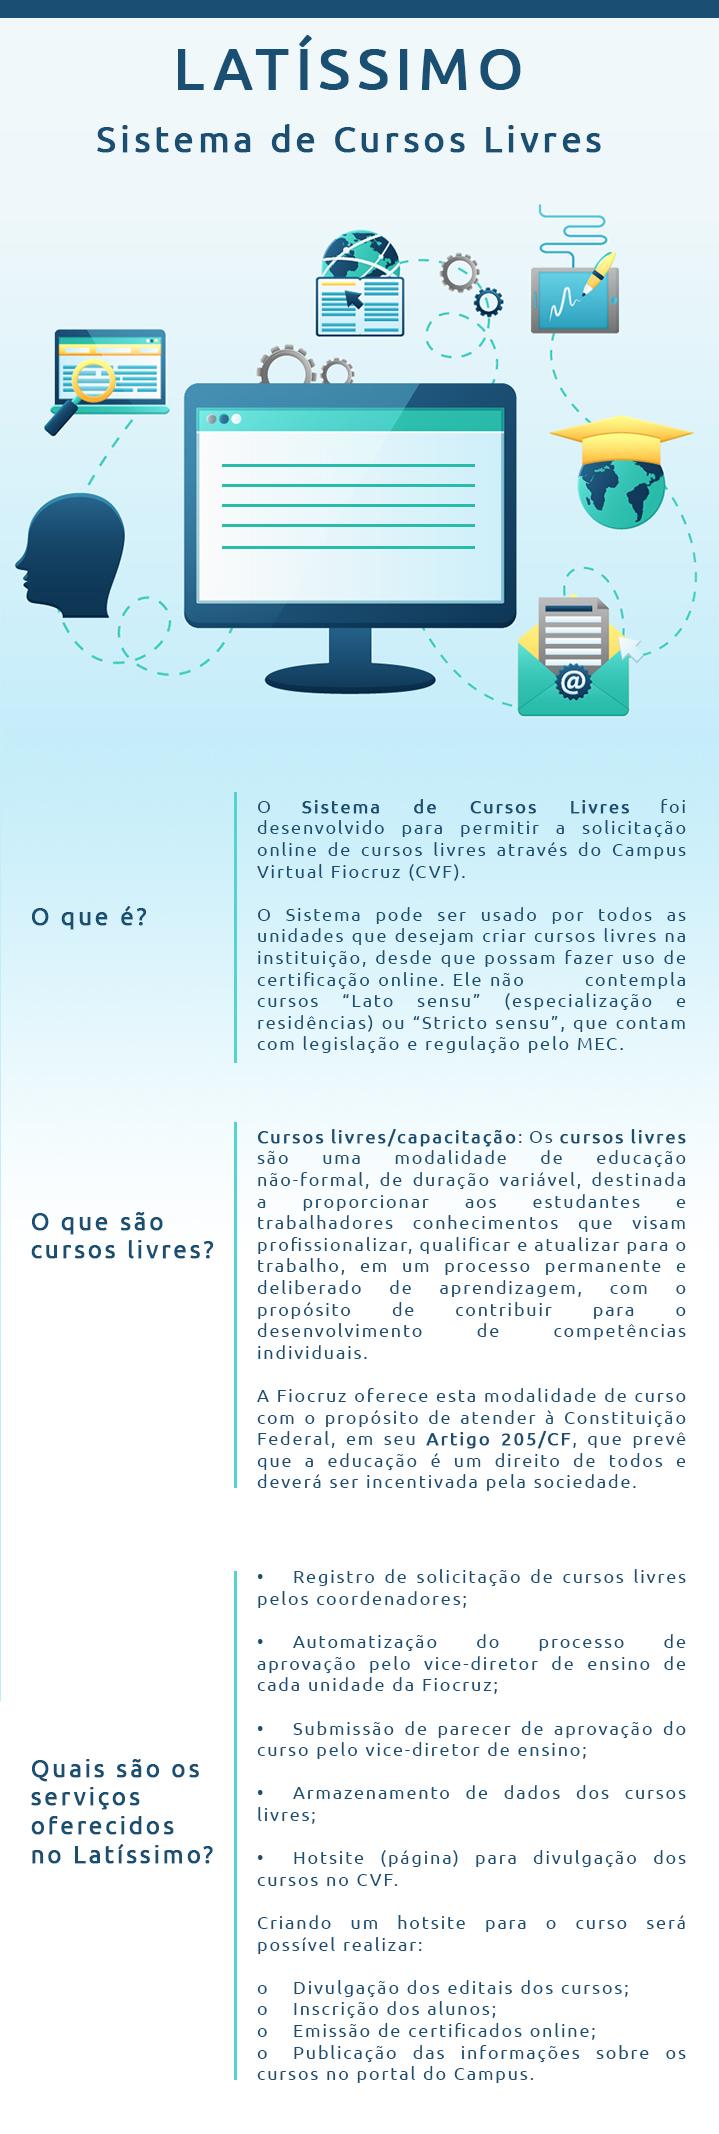 Campus Virtual Fiocruz lança Sistema de Cursos Livres (Latíssimo)